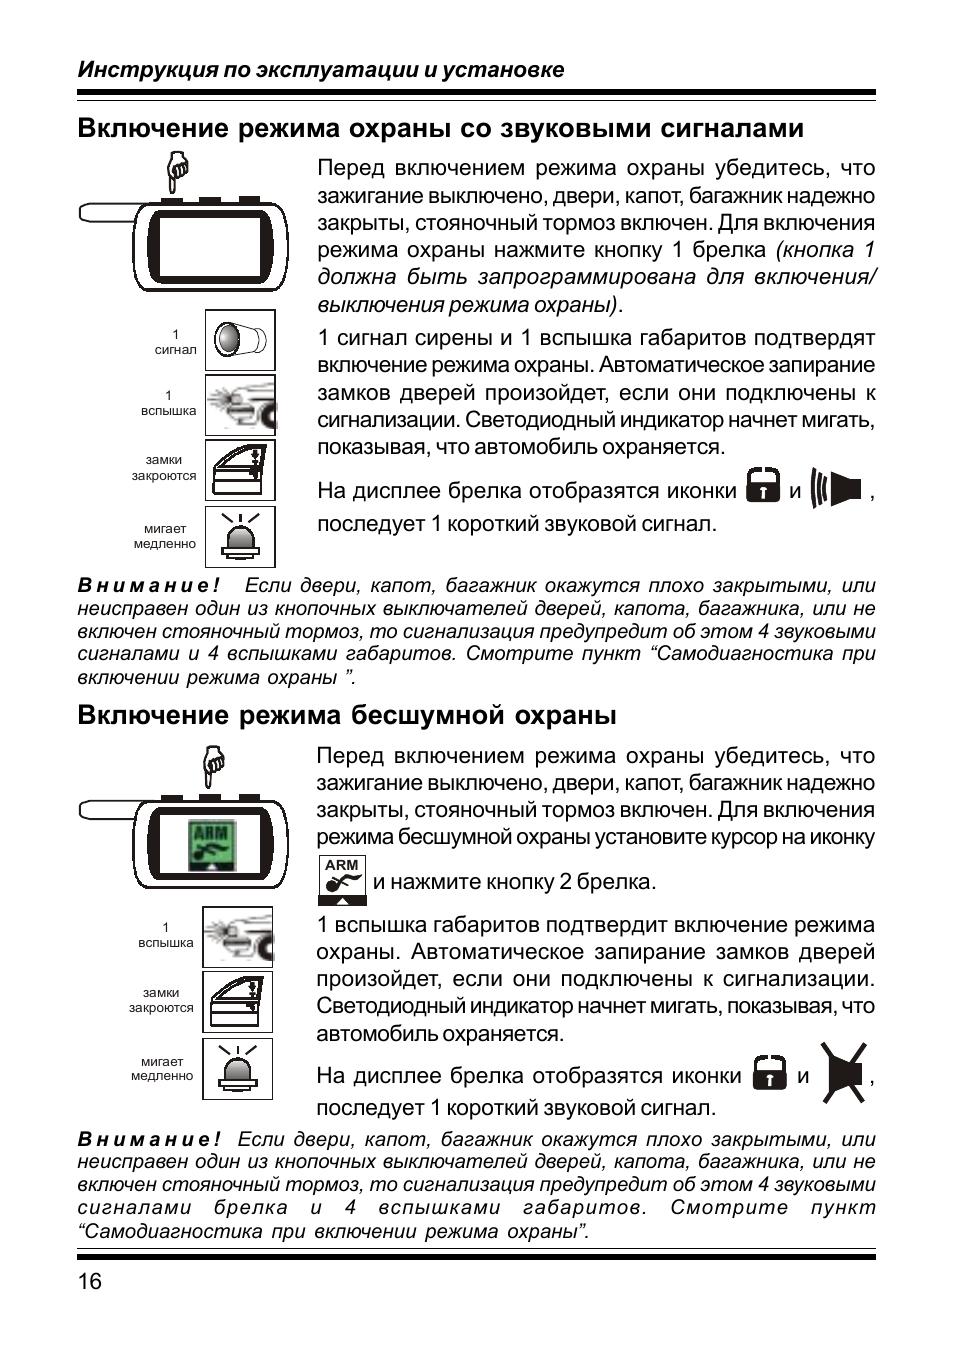 Инструкция по режиму и охране